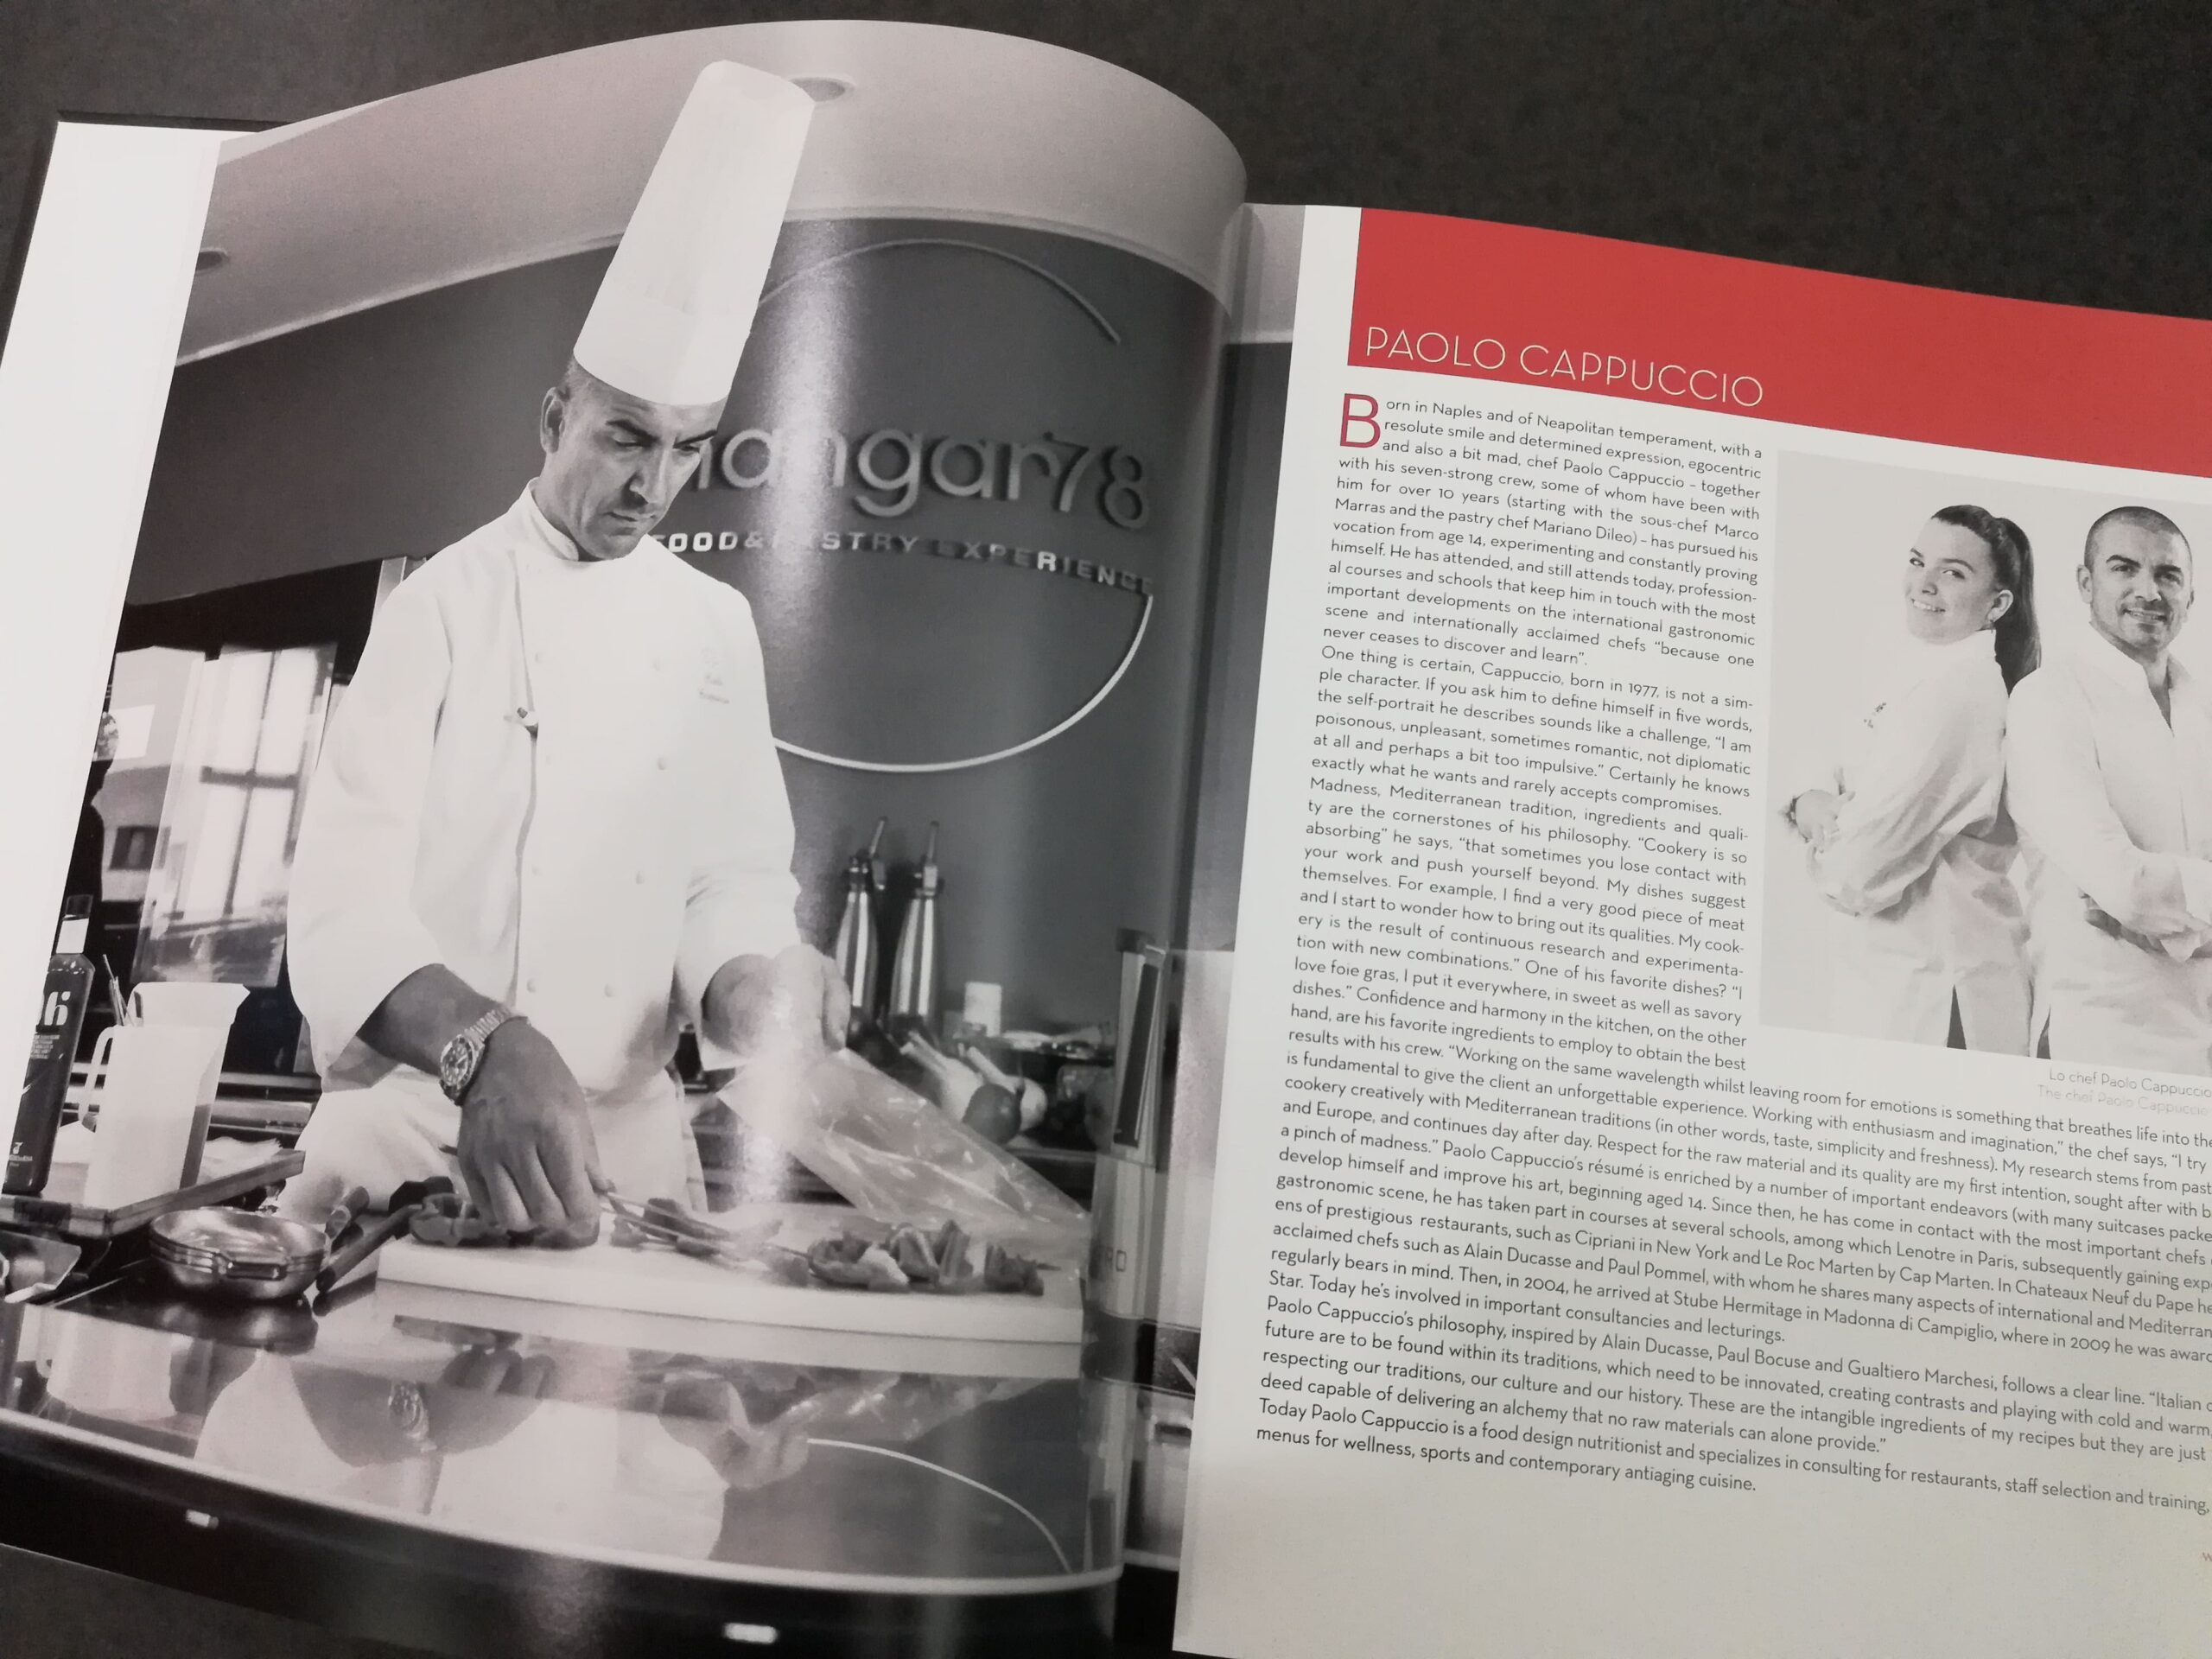 La Recensione Cucina Mediterranea In Sottovuoto Di Paolo Cappuccio Cook Magazine